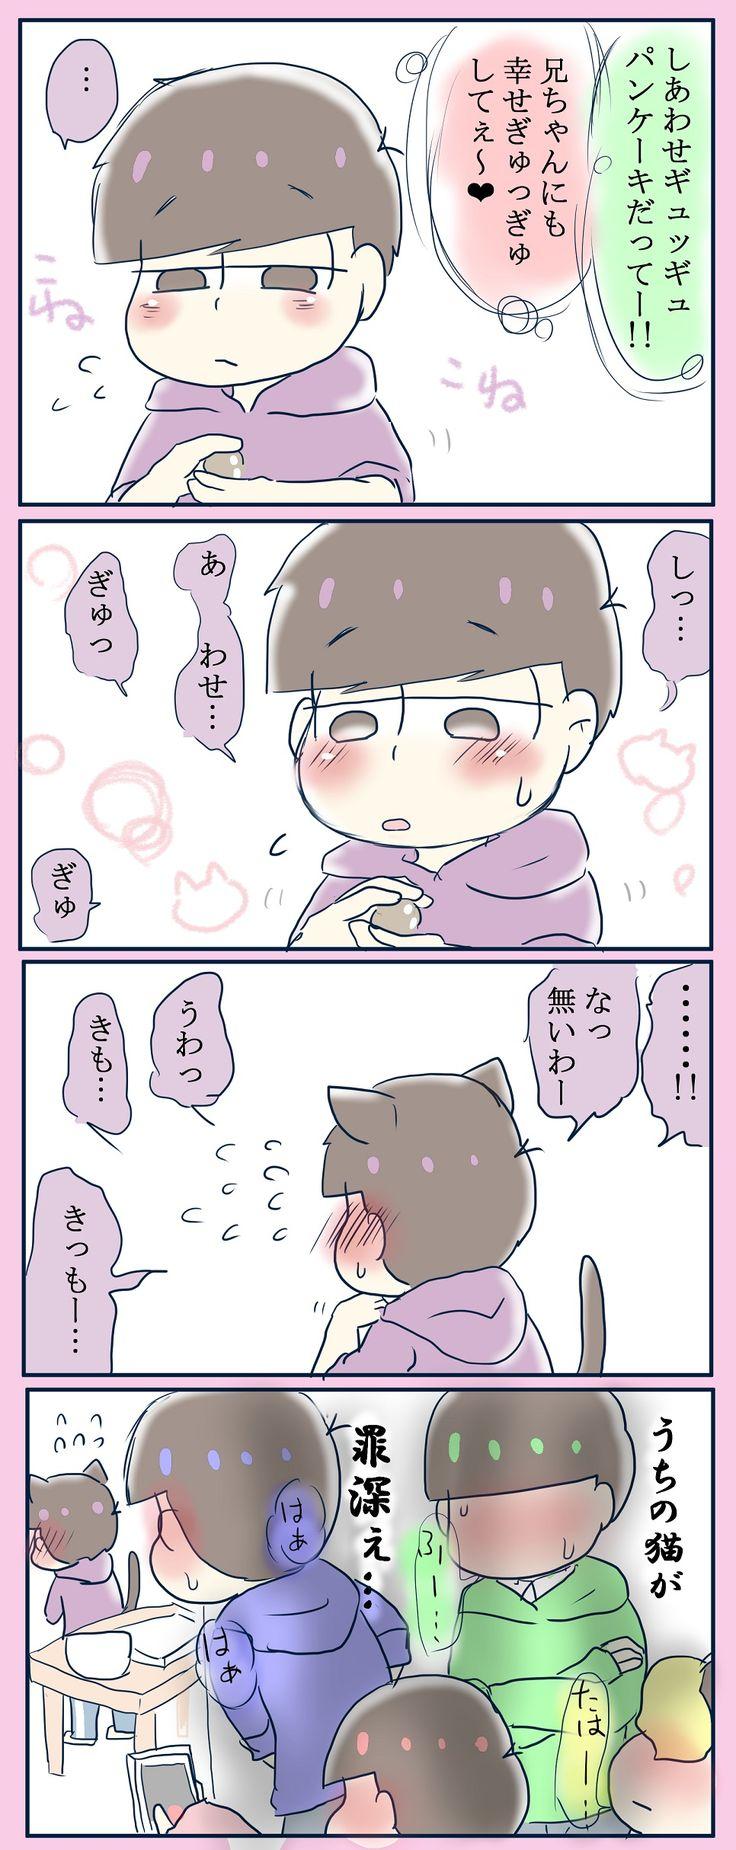 「松まとめ⑦」/「肉じゃが高橋」の漫画 [pixiv]